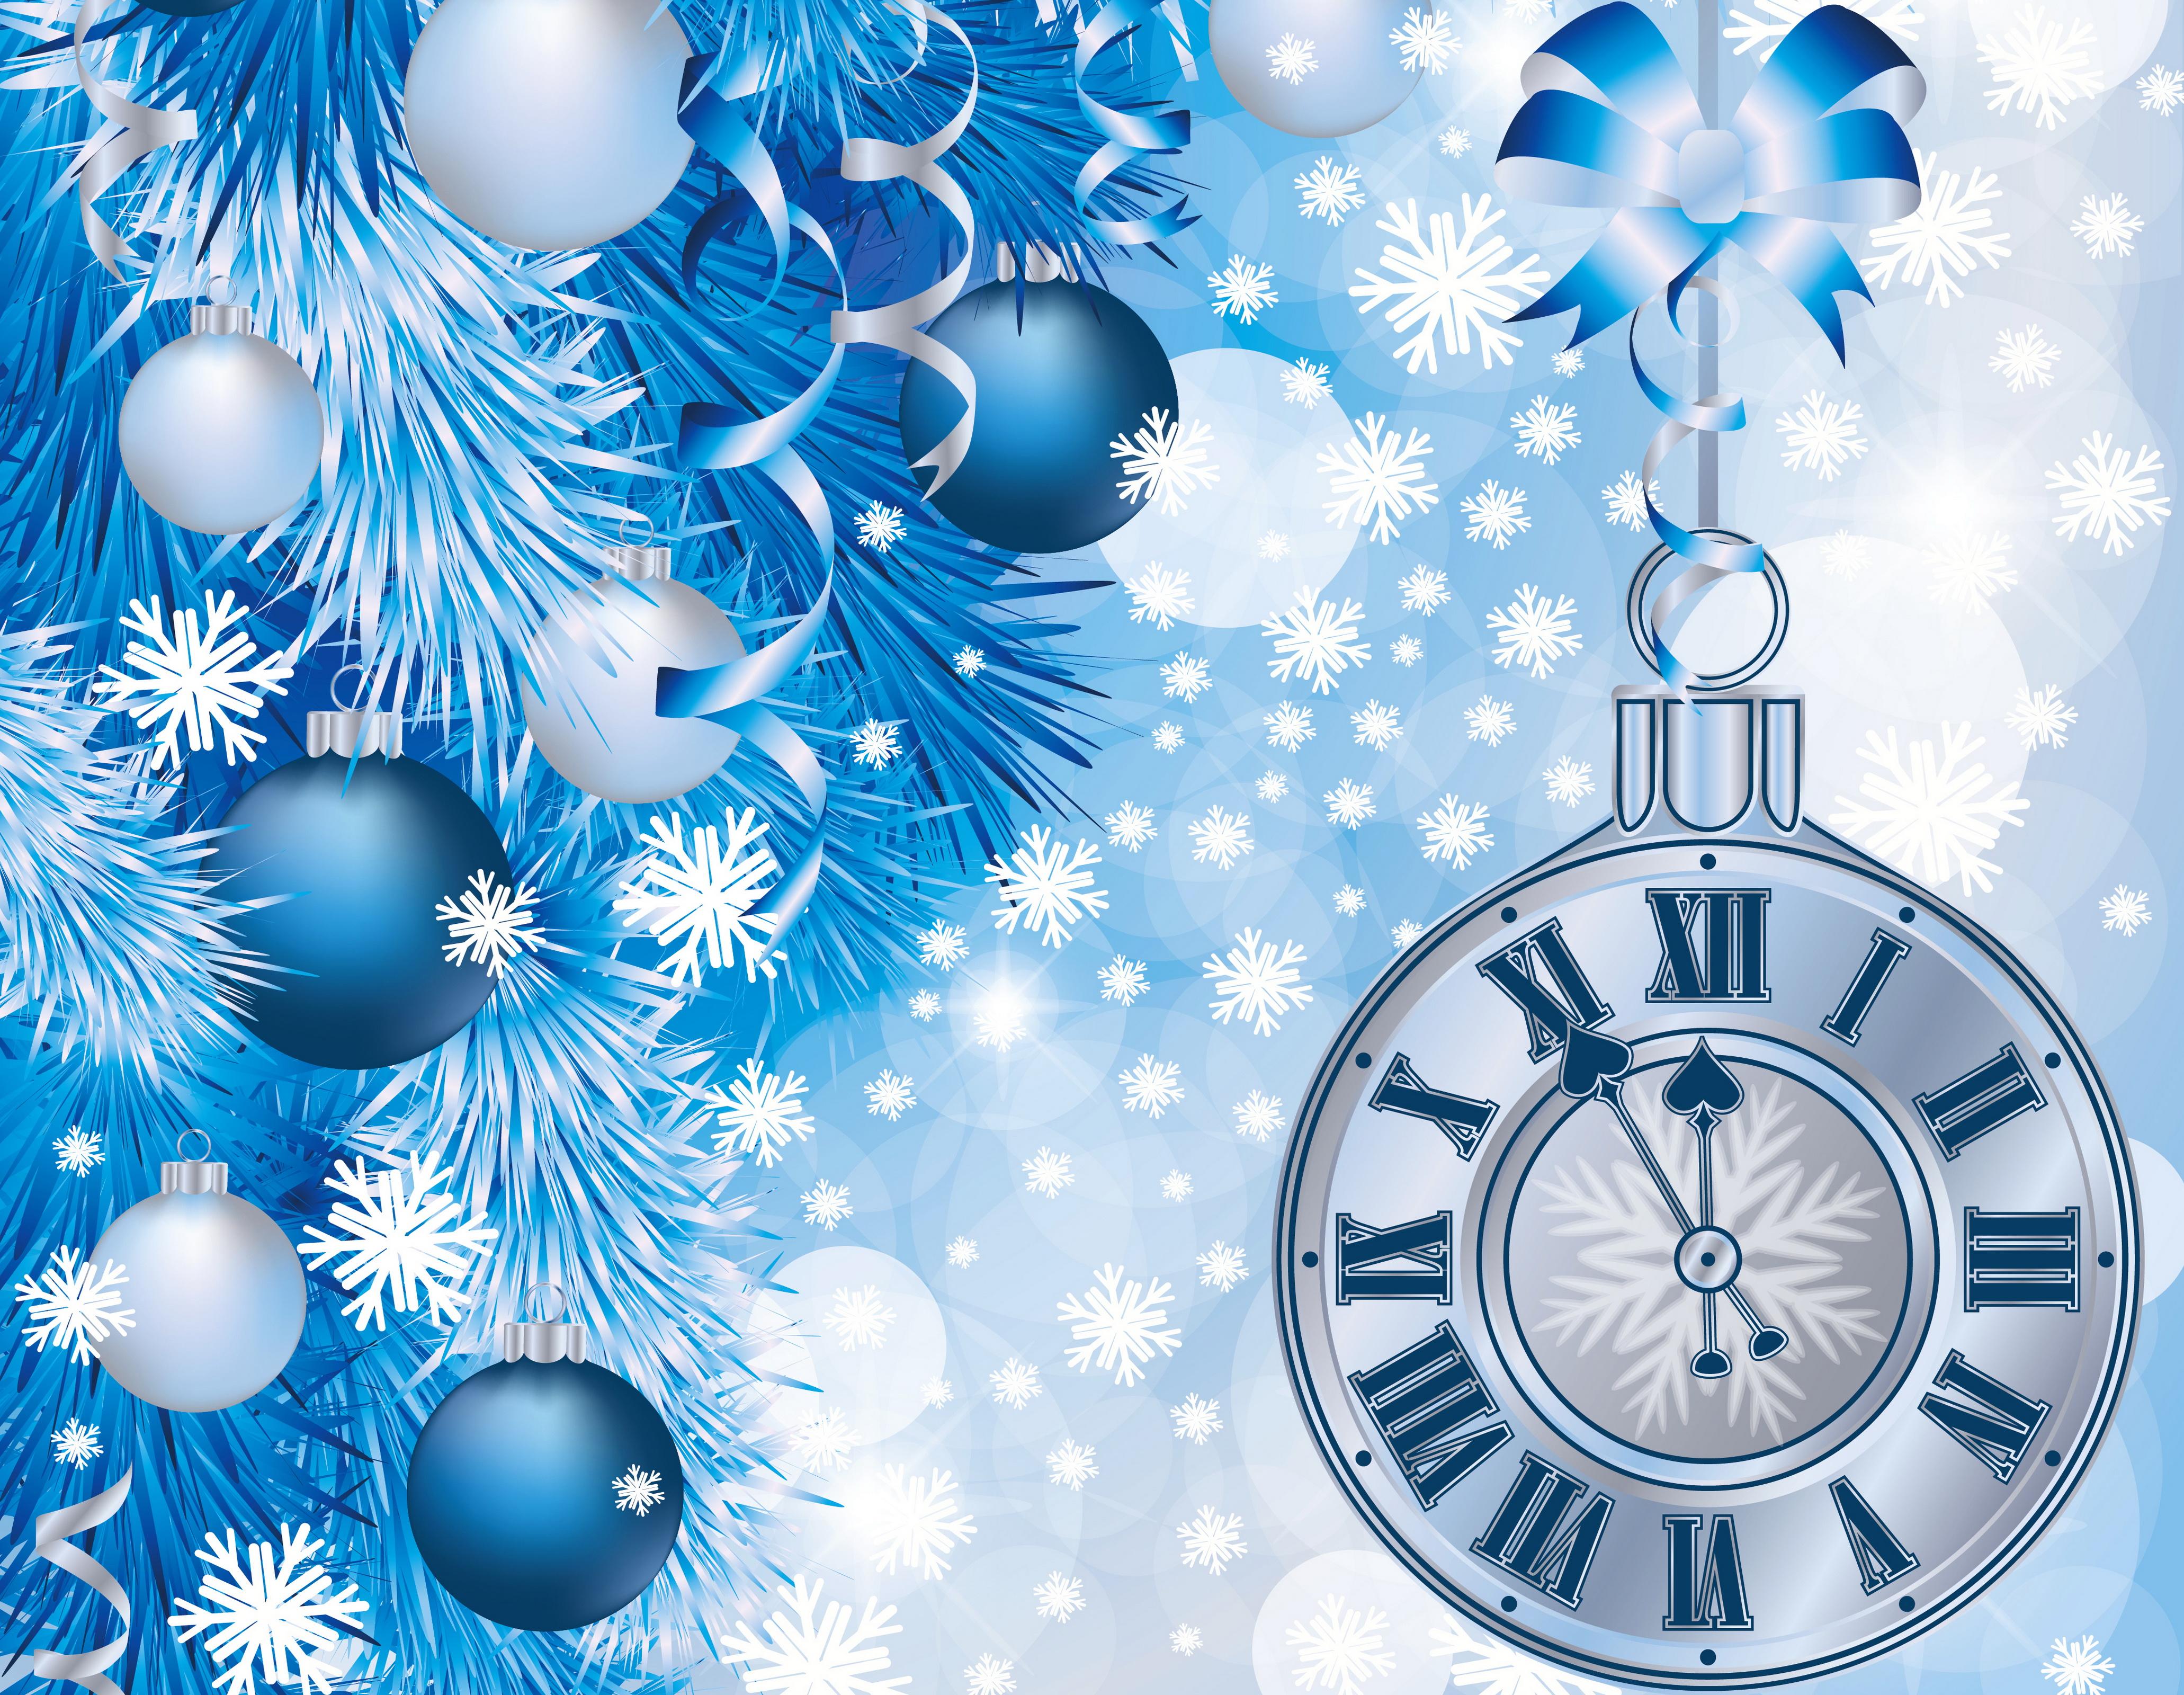 новый год картинки: